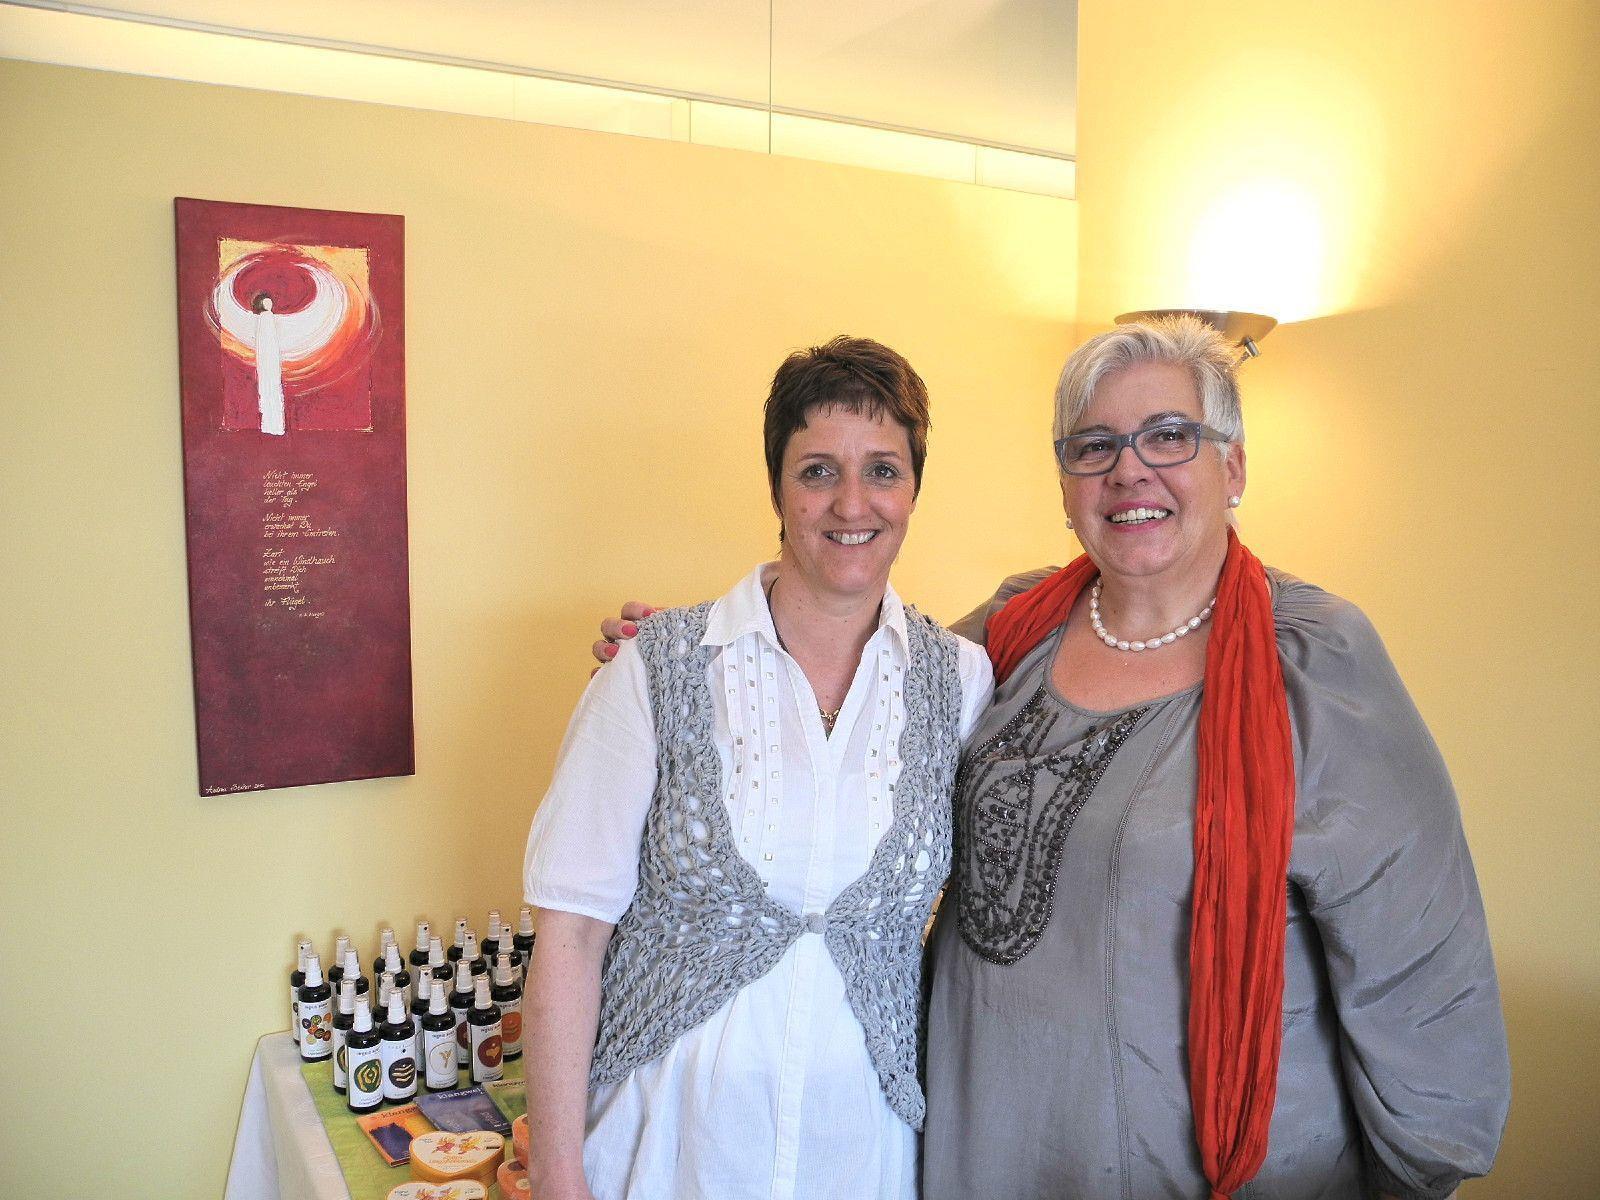 (l.) Alexandra Kelterer und Maria Kalb in ihrem neu eröffneten Centrum für Energie und Lebensfreude